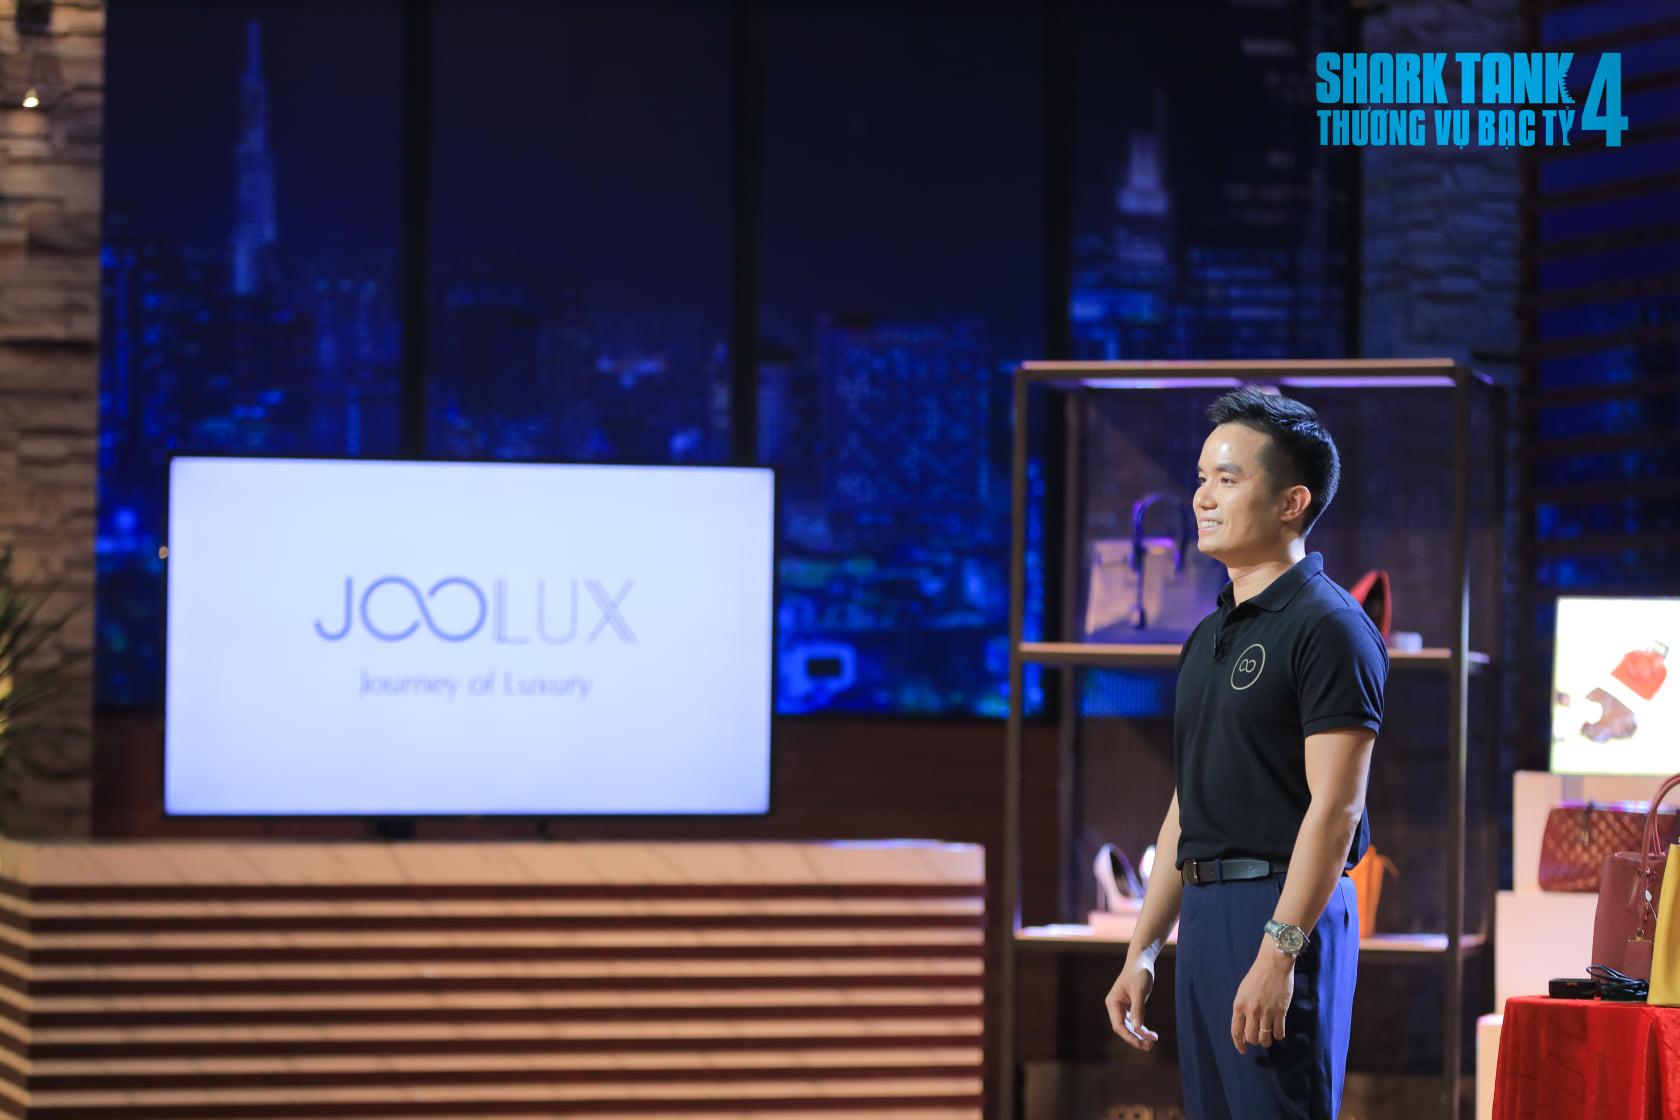 Mô hình không mới, thị trường cạnh tranh khốc liệt với đội quân bán hàng online, CEO JOOLUX nói gì sau khi lên sóng Shark Tank? - Ảnh 1.